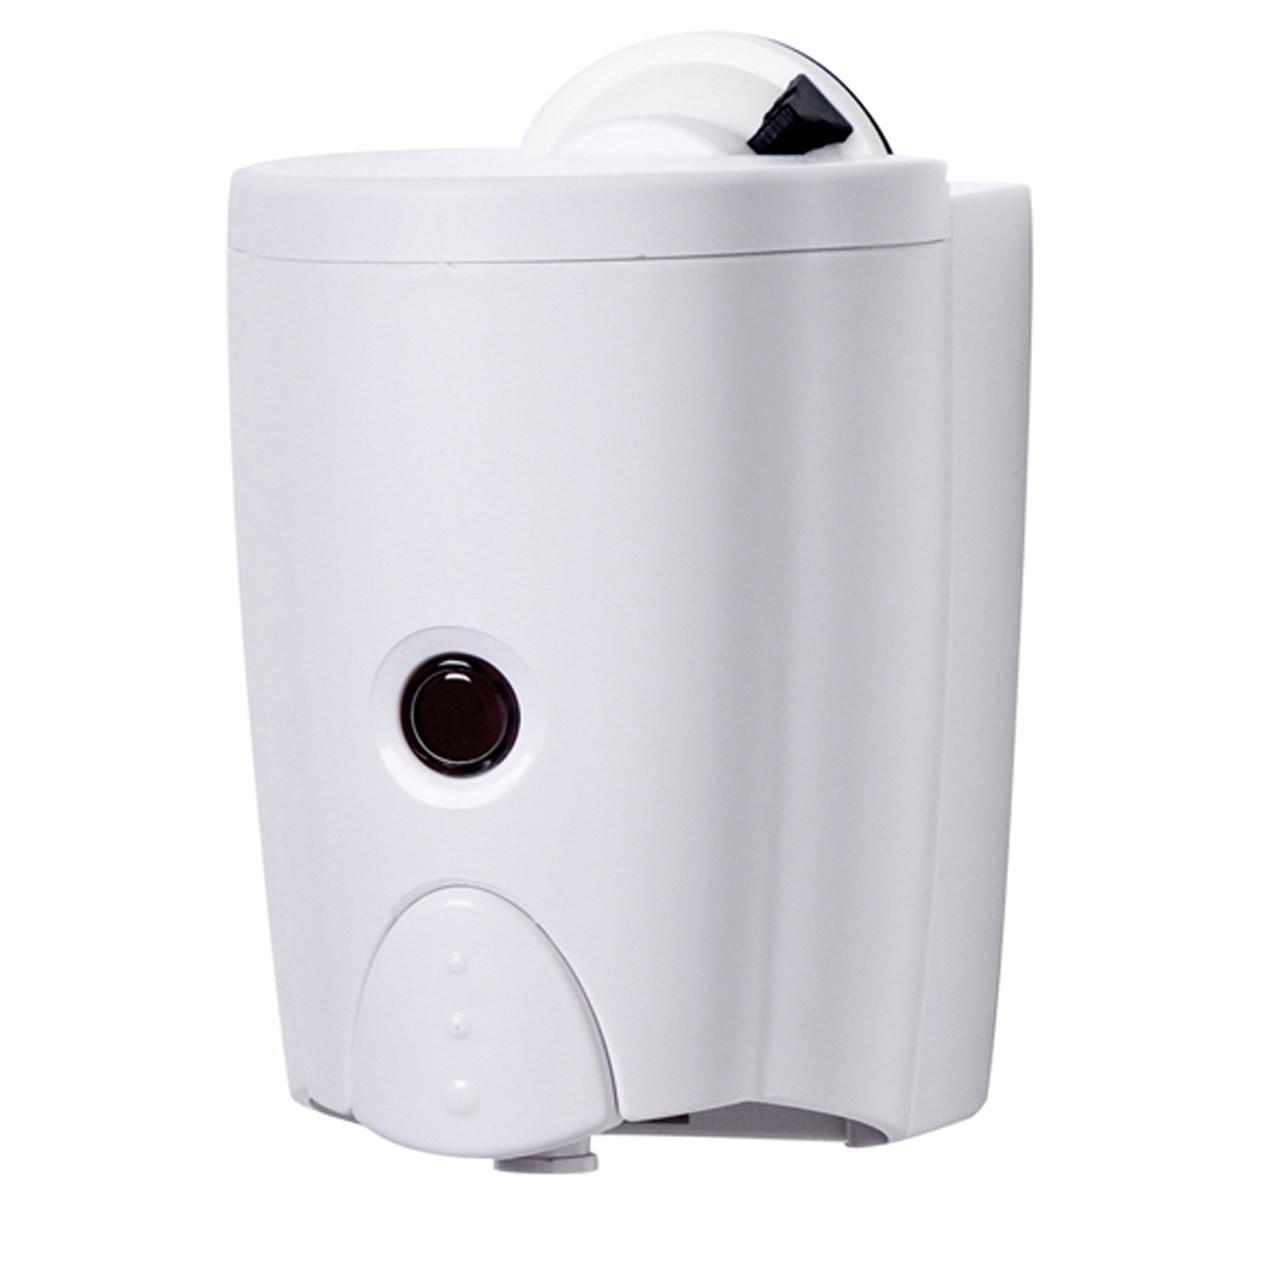 پمپ مایع دستشویی فیکا مدل 441801